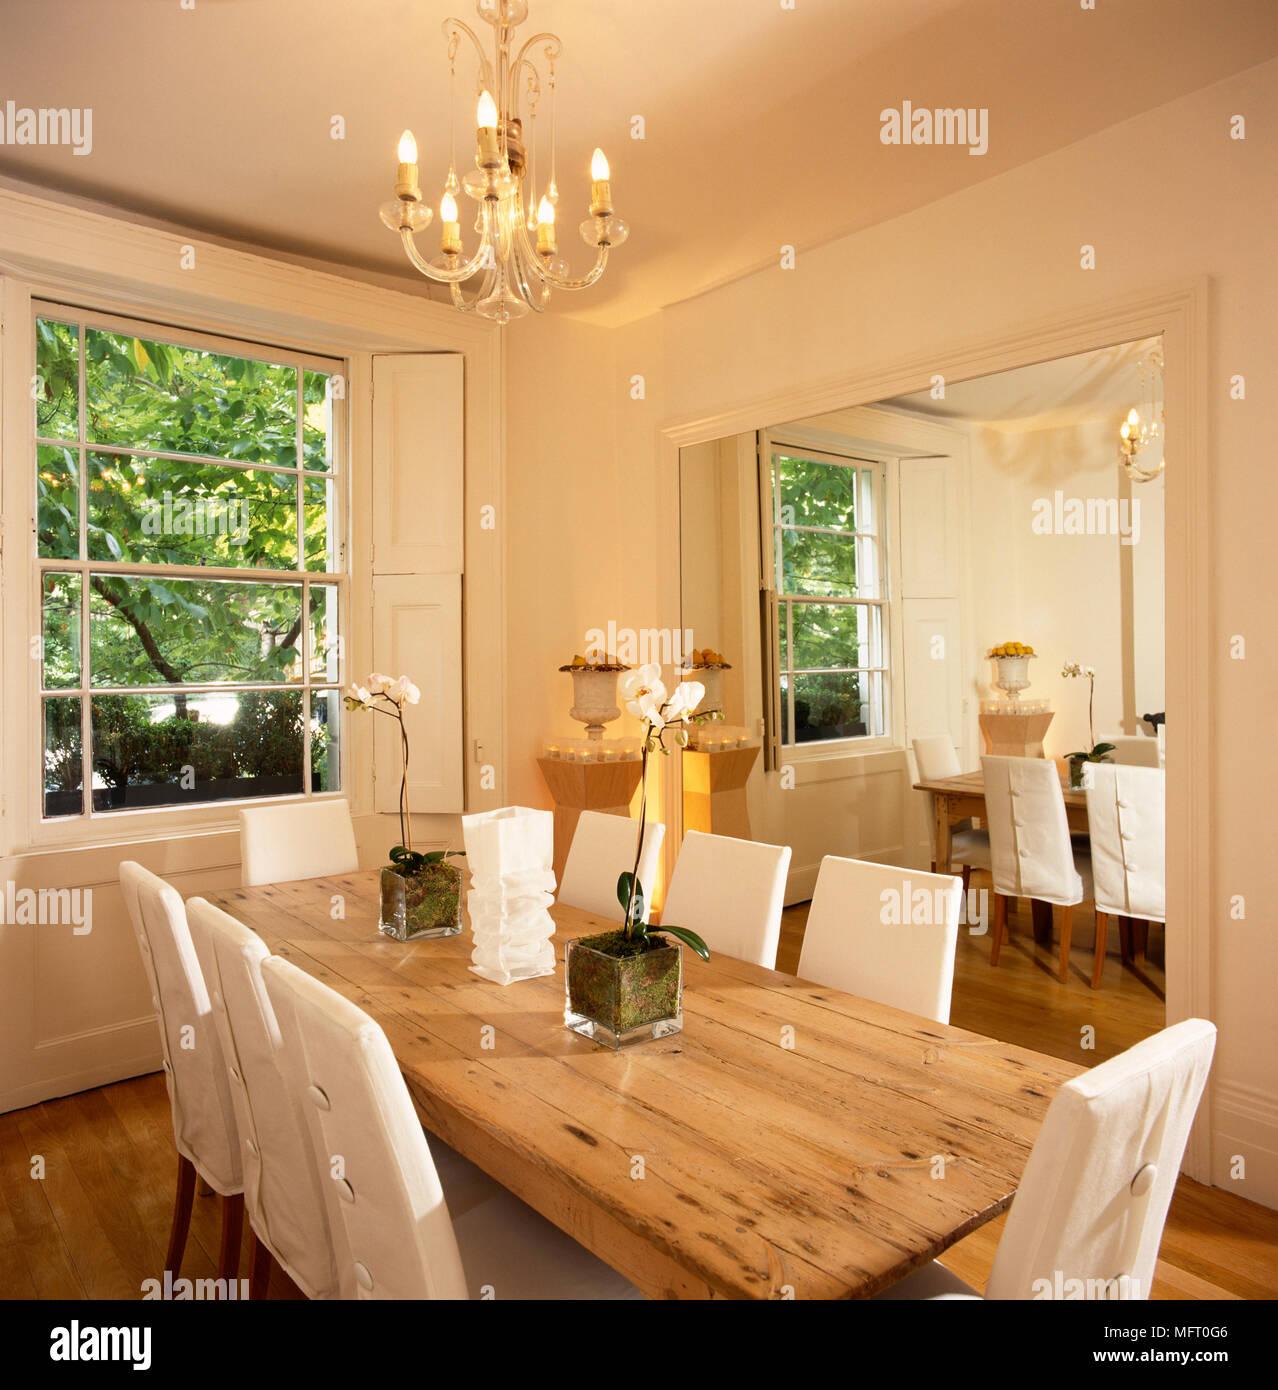 wnde esszimmer, einfaches elegantes esszimmer, weiße wände, lange kiefer tisch, Design ideen